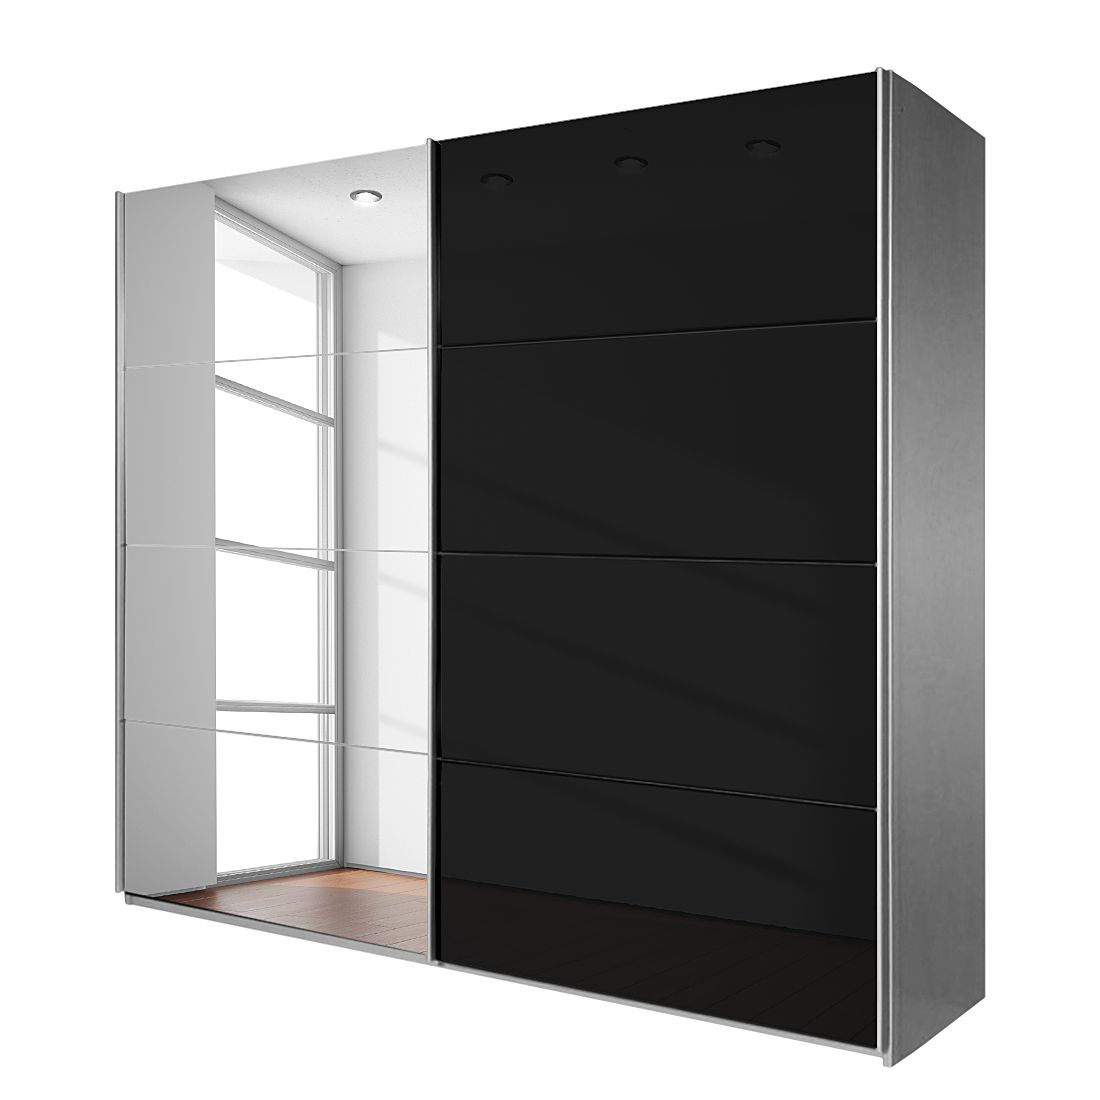 goedkoop Schuifdeurkast Quadra met spiegel geborsteld aluminium zwart BxH 226x230cm Rauch Packs